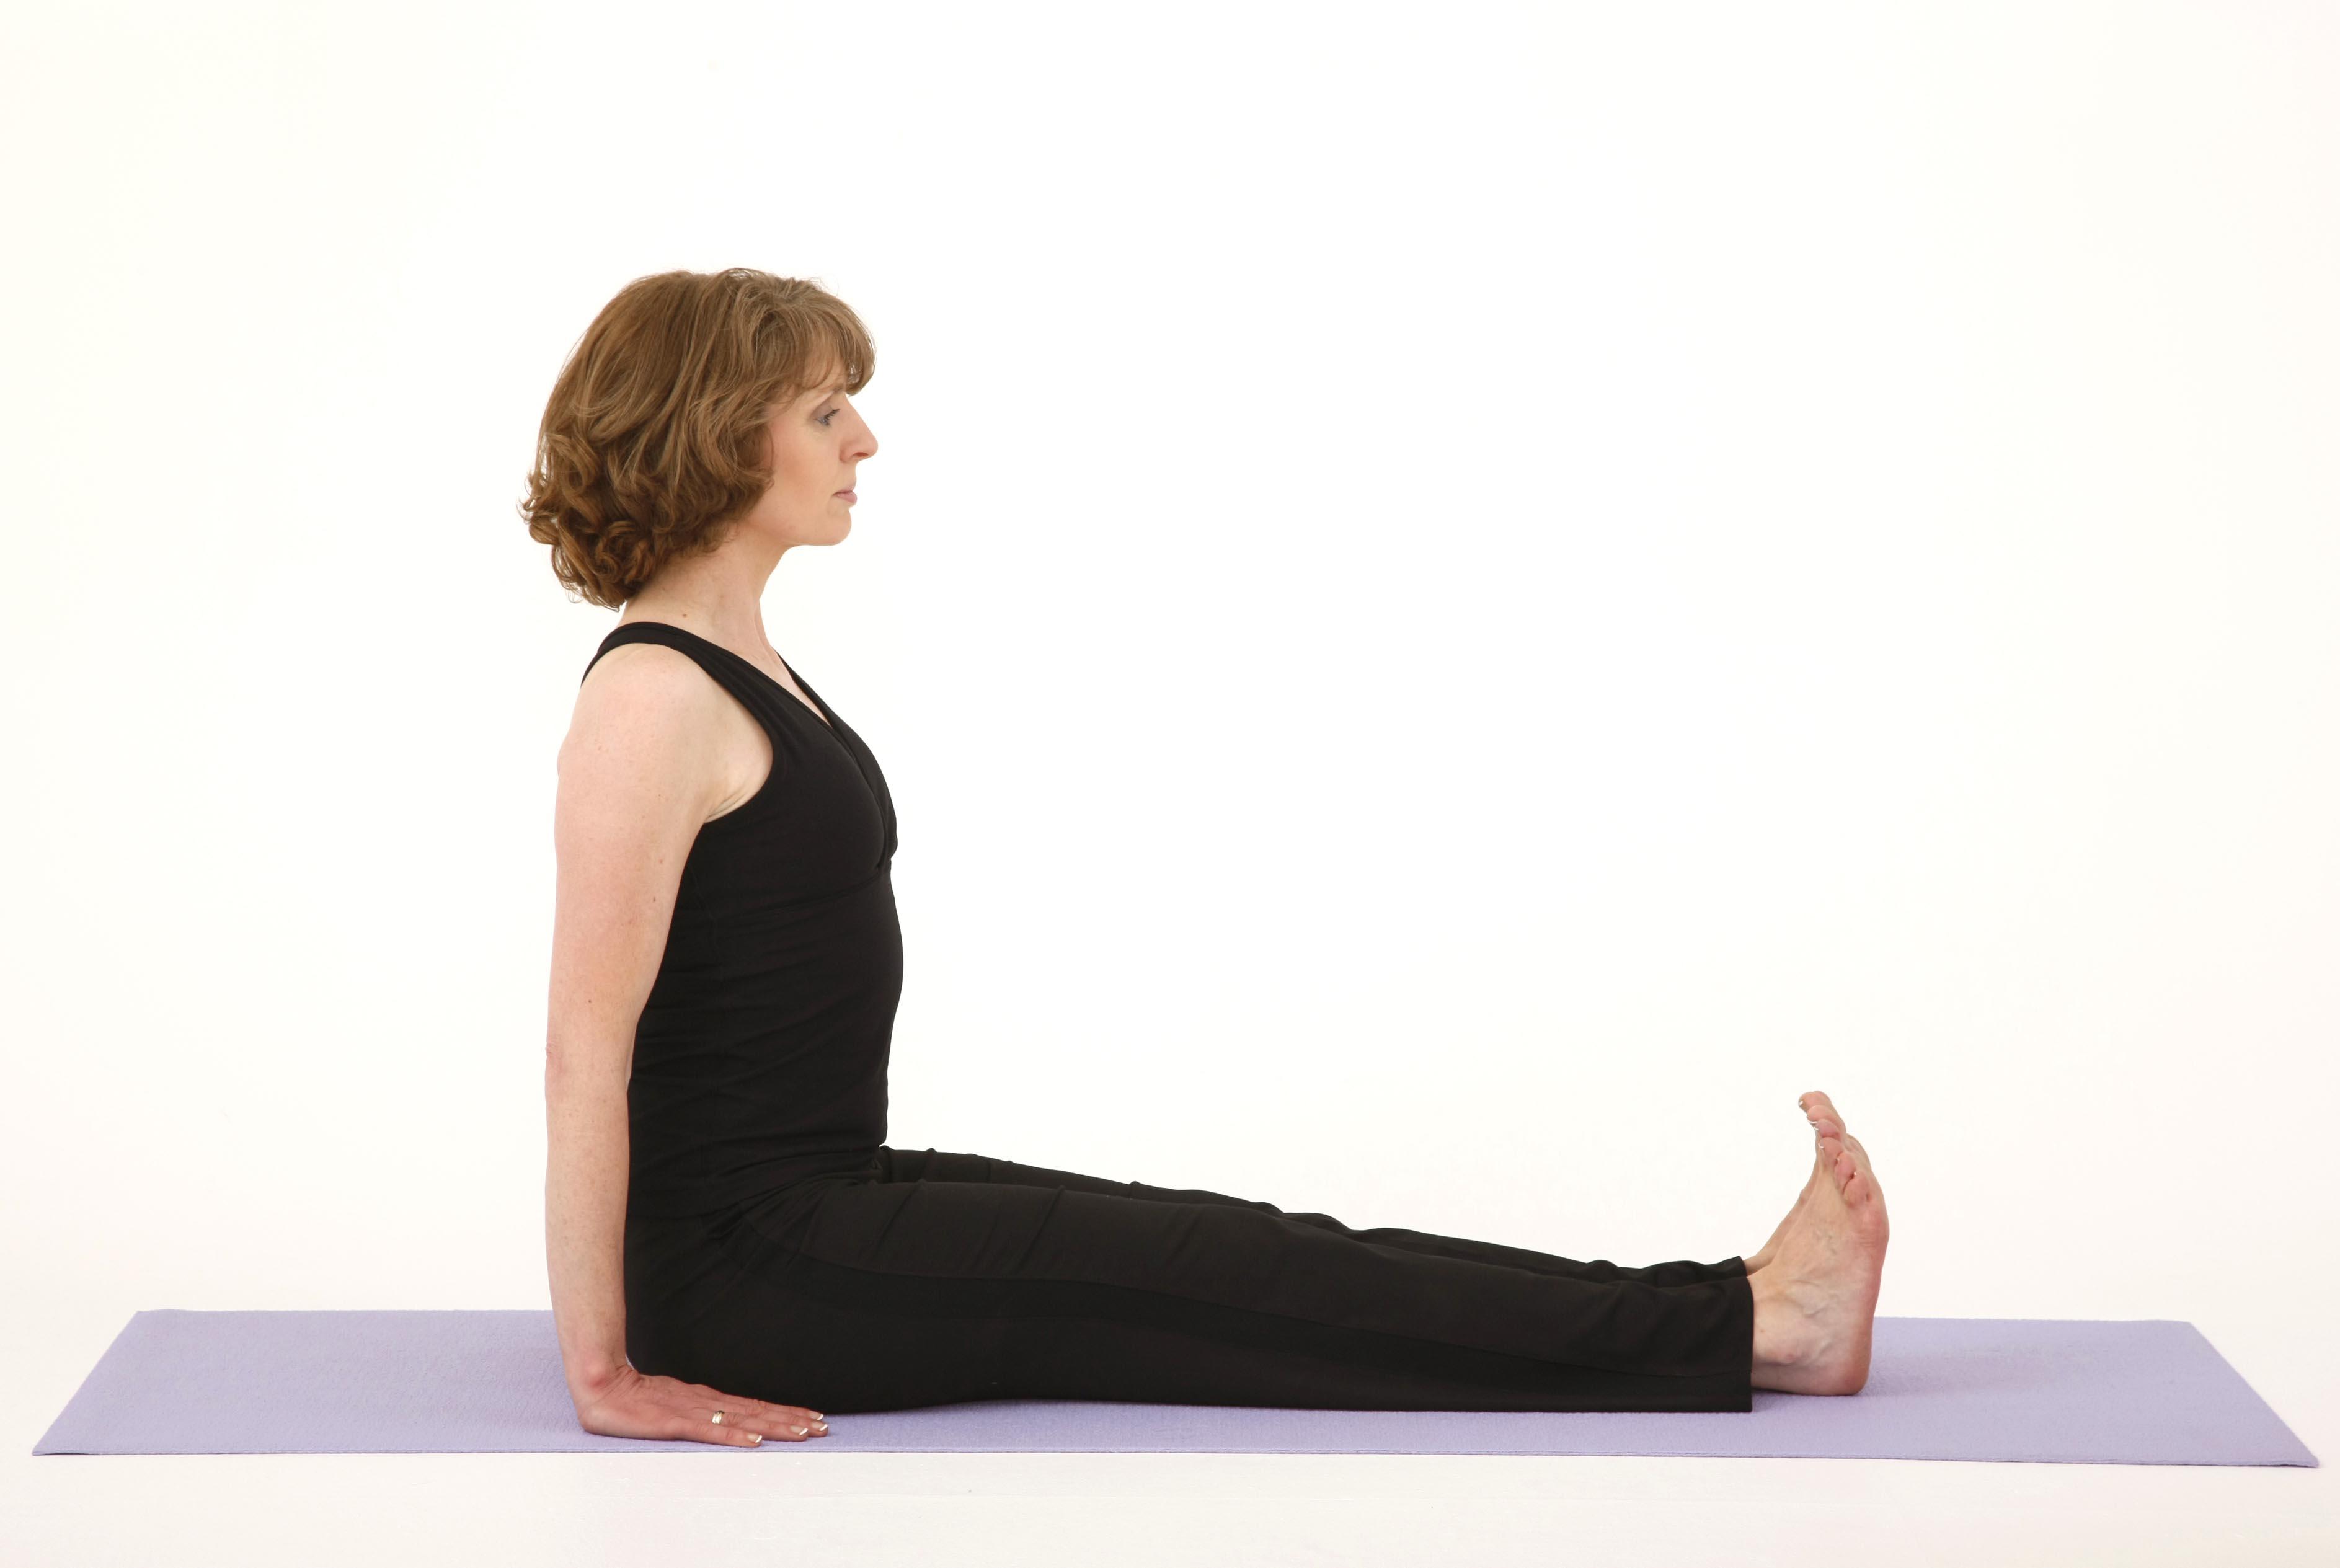 Động tác duỗi thẳng chân và lưng